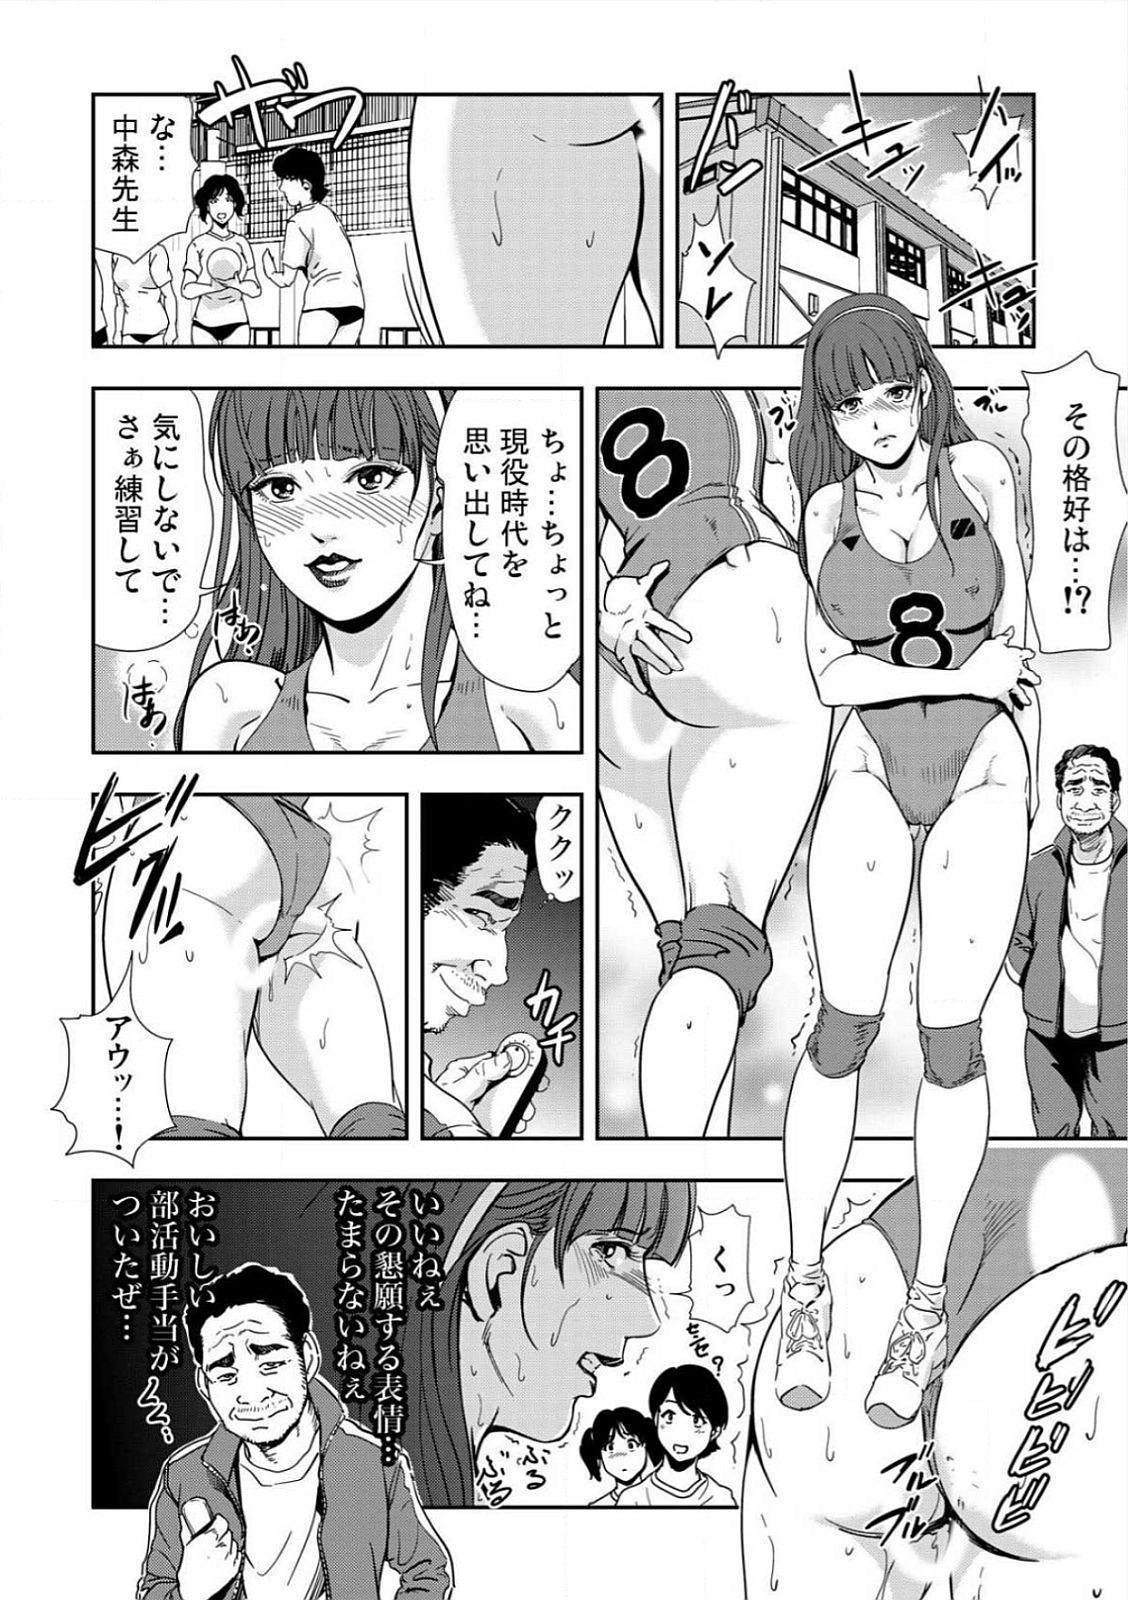 [Misaki Yukihiro] Kyousei Shidou ~Mechakucha ni Kegasarete~ (1)~(6) [Digital] 51